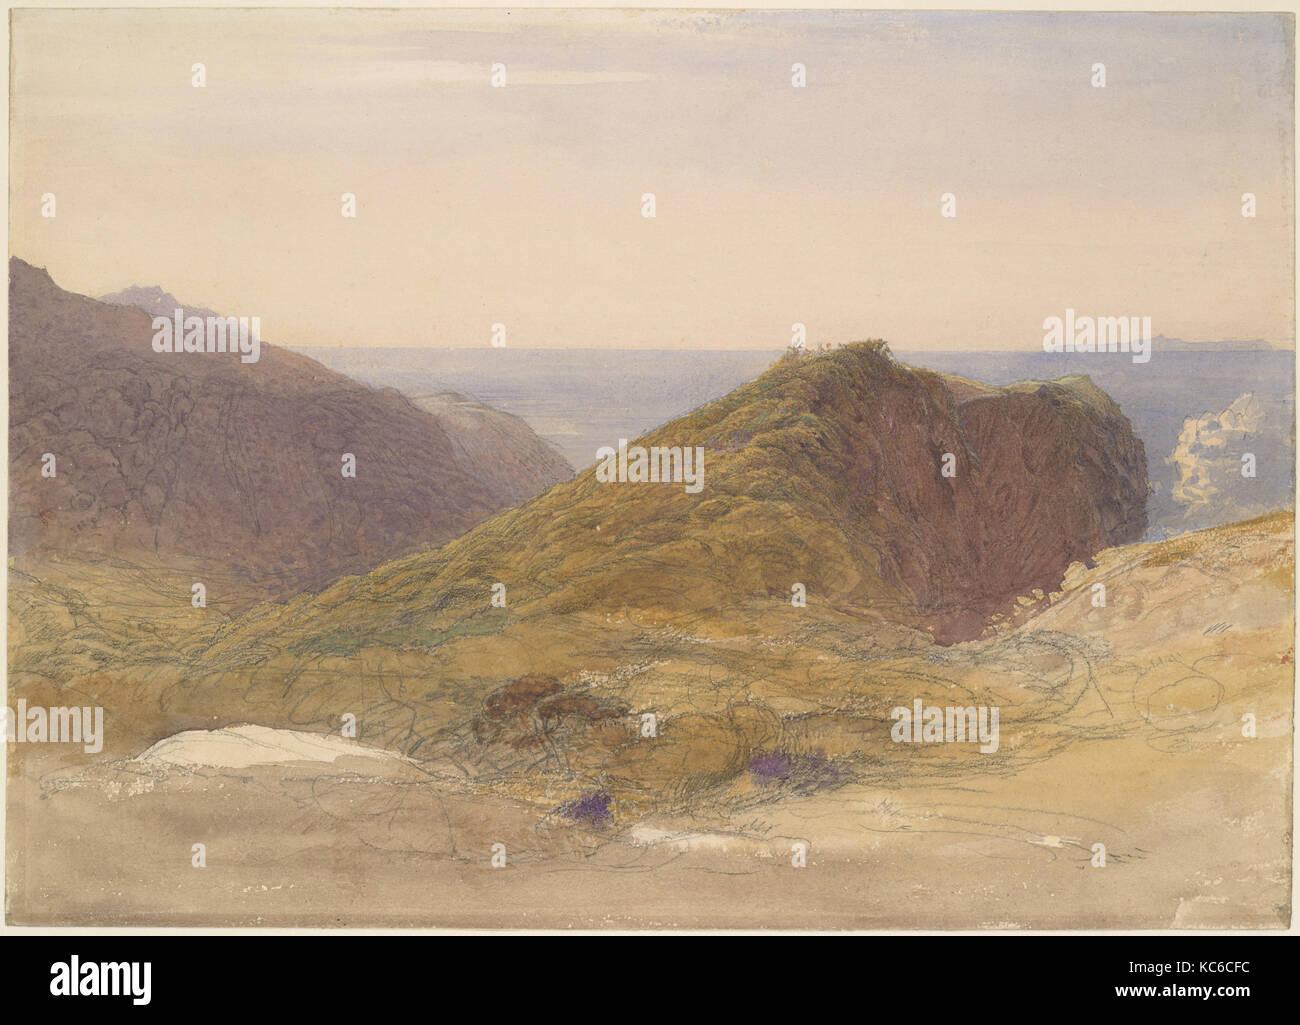 Sur la côte nord de l'île Devon Lundy, dans la Distance, Samuel Palmer, ca. 1835 Photo Stock